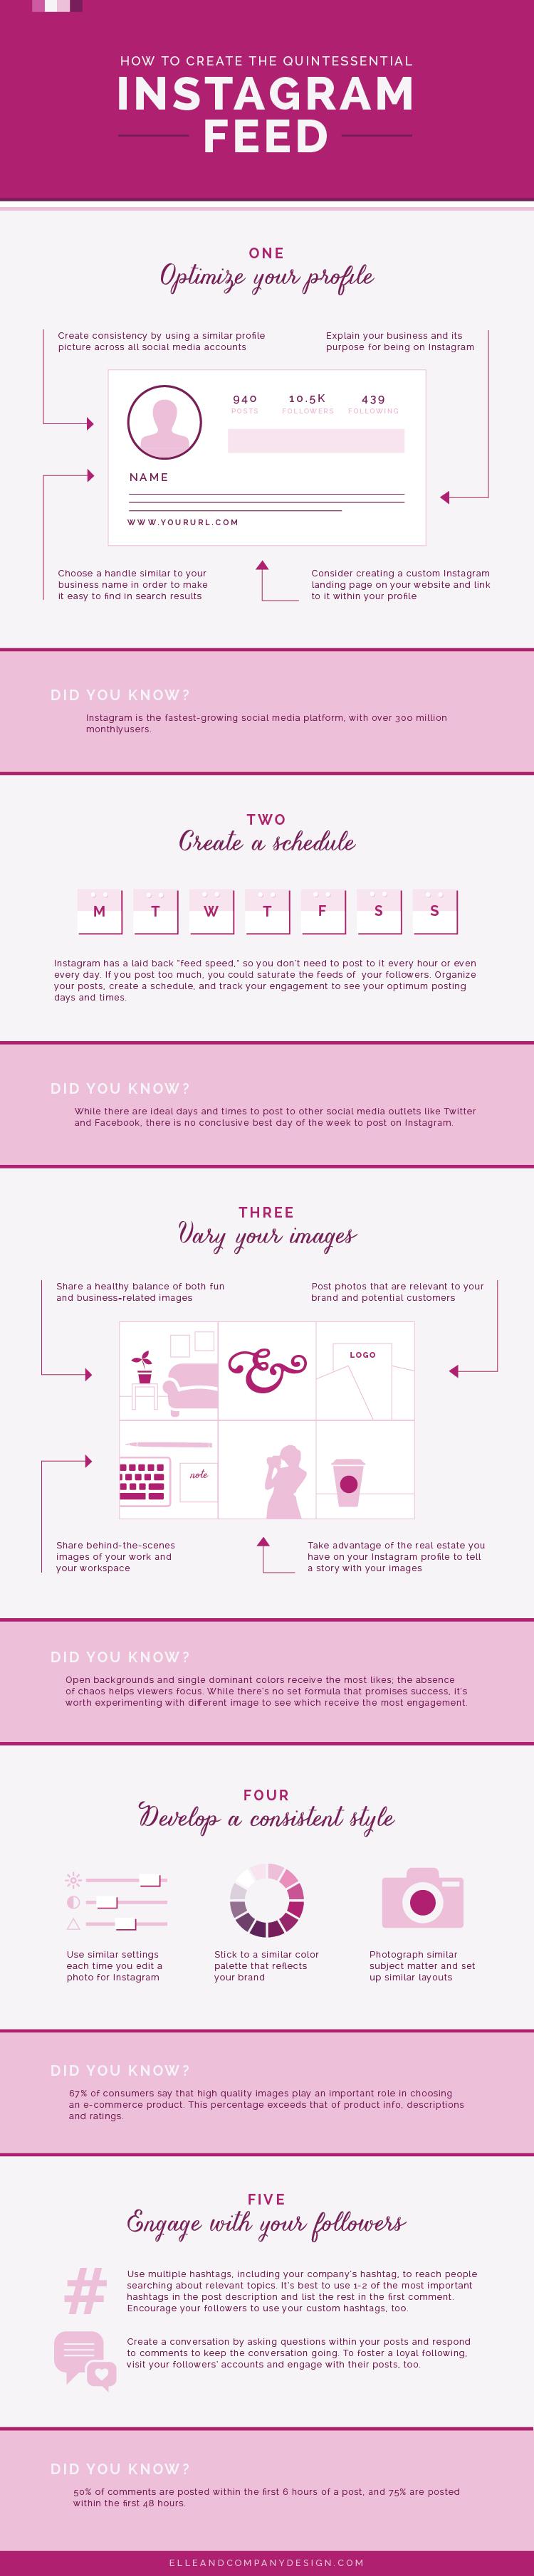 Consejos importantes para el uso de Instagram